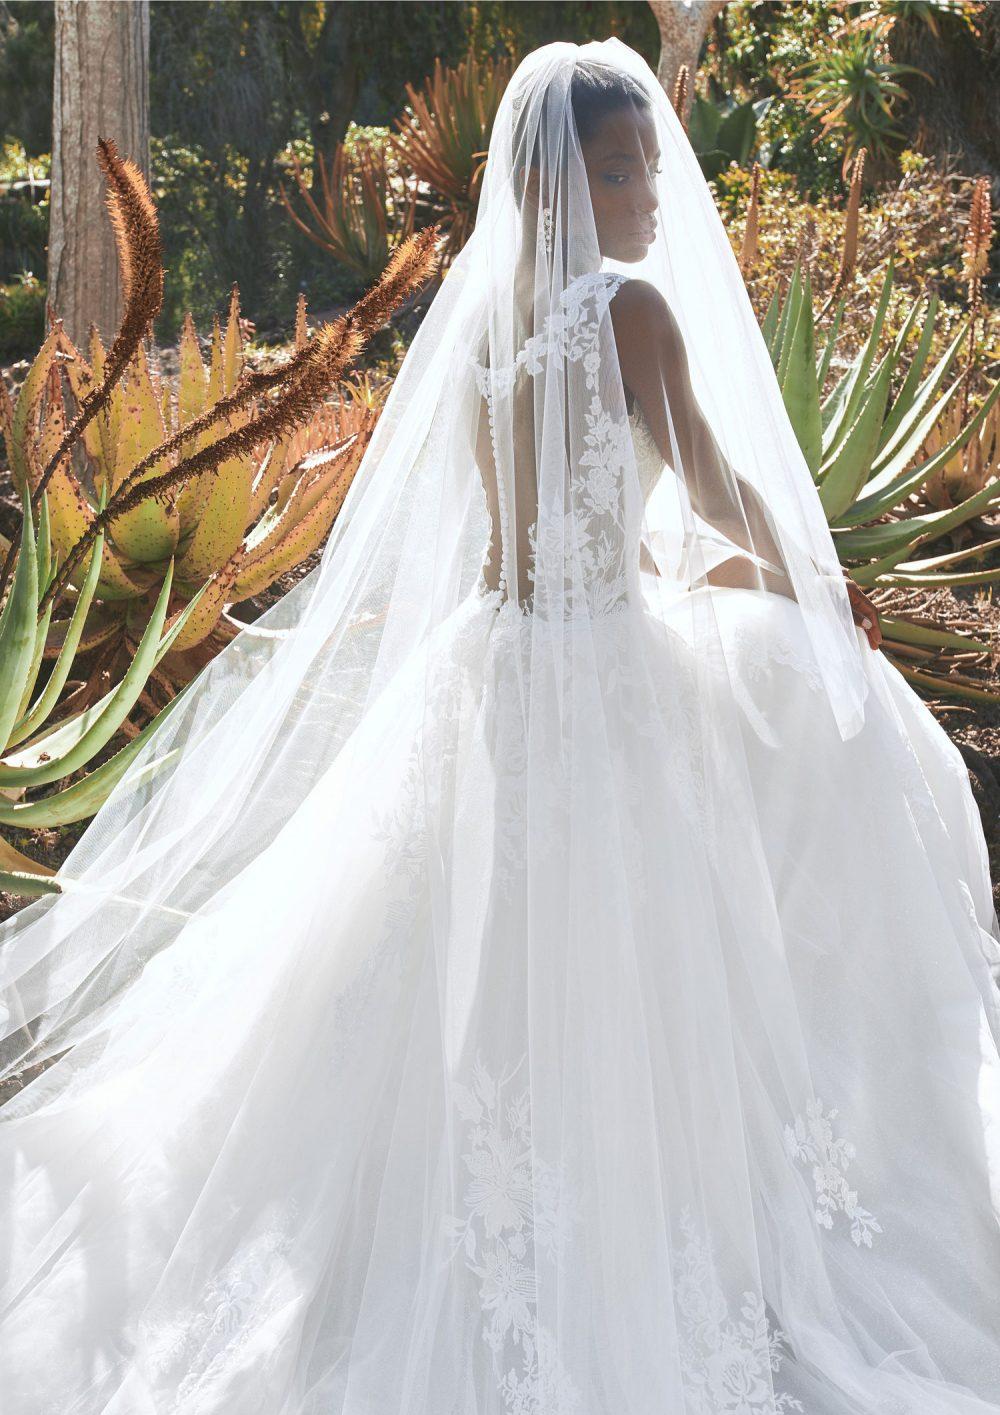 Pronovias 2022 abito vestito sposa Vicenza BOREALIS